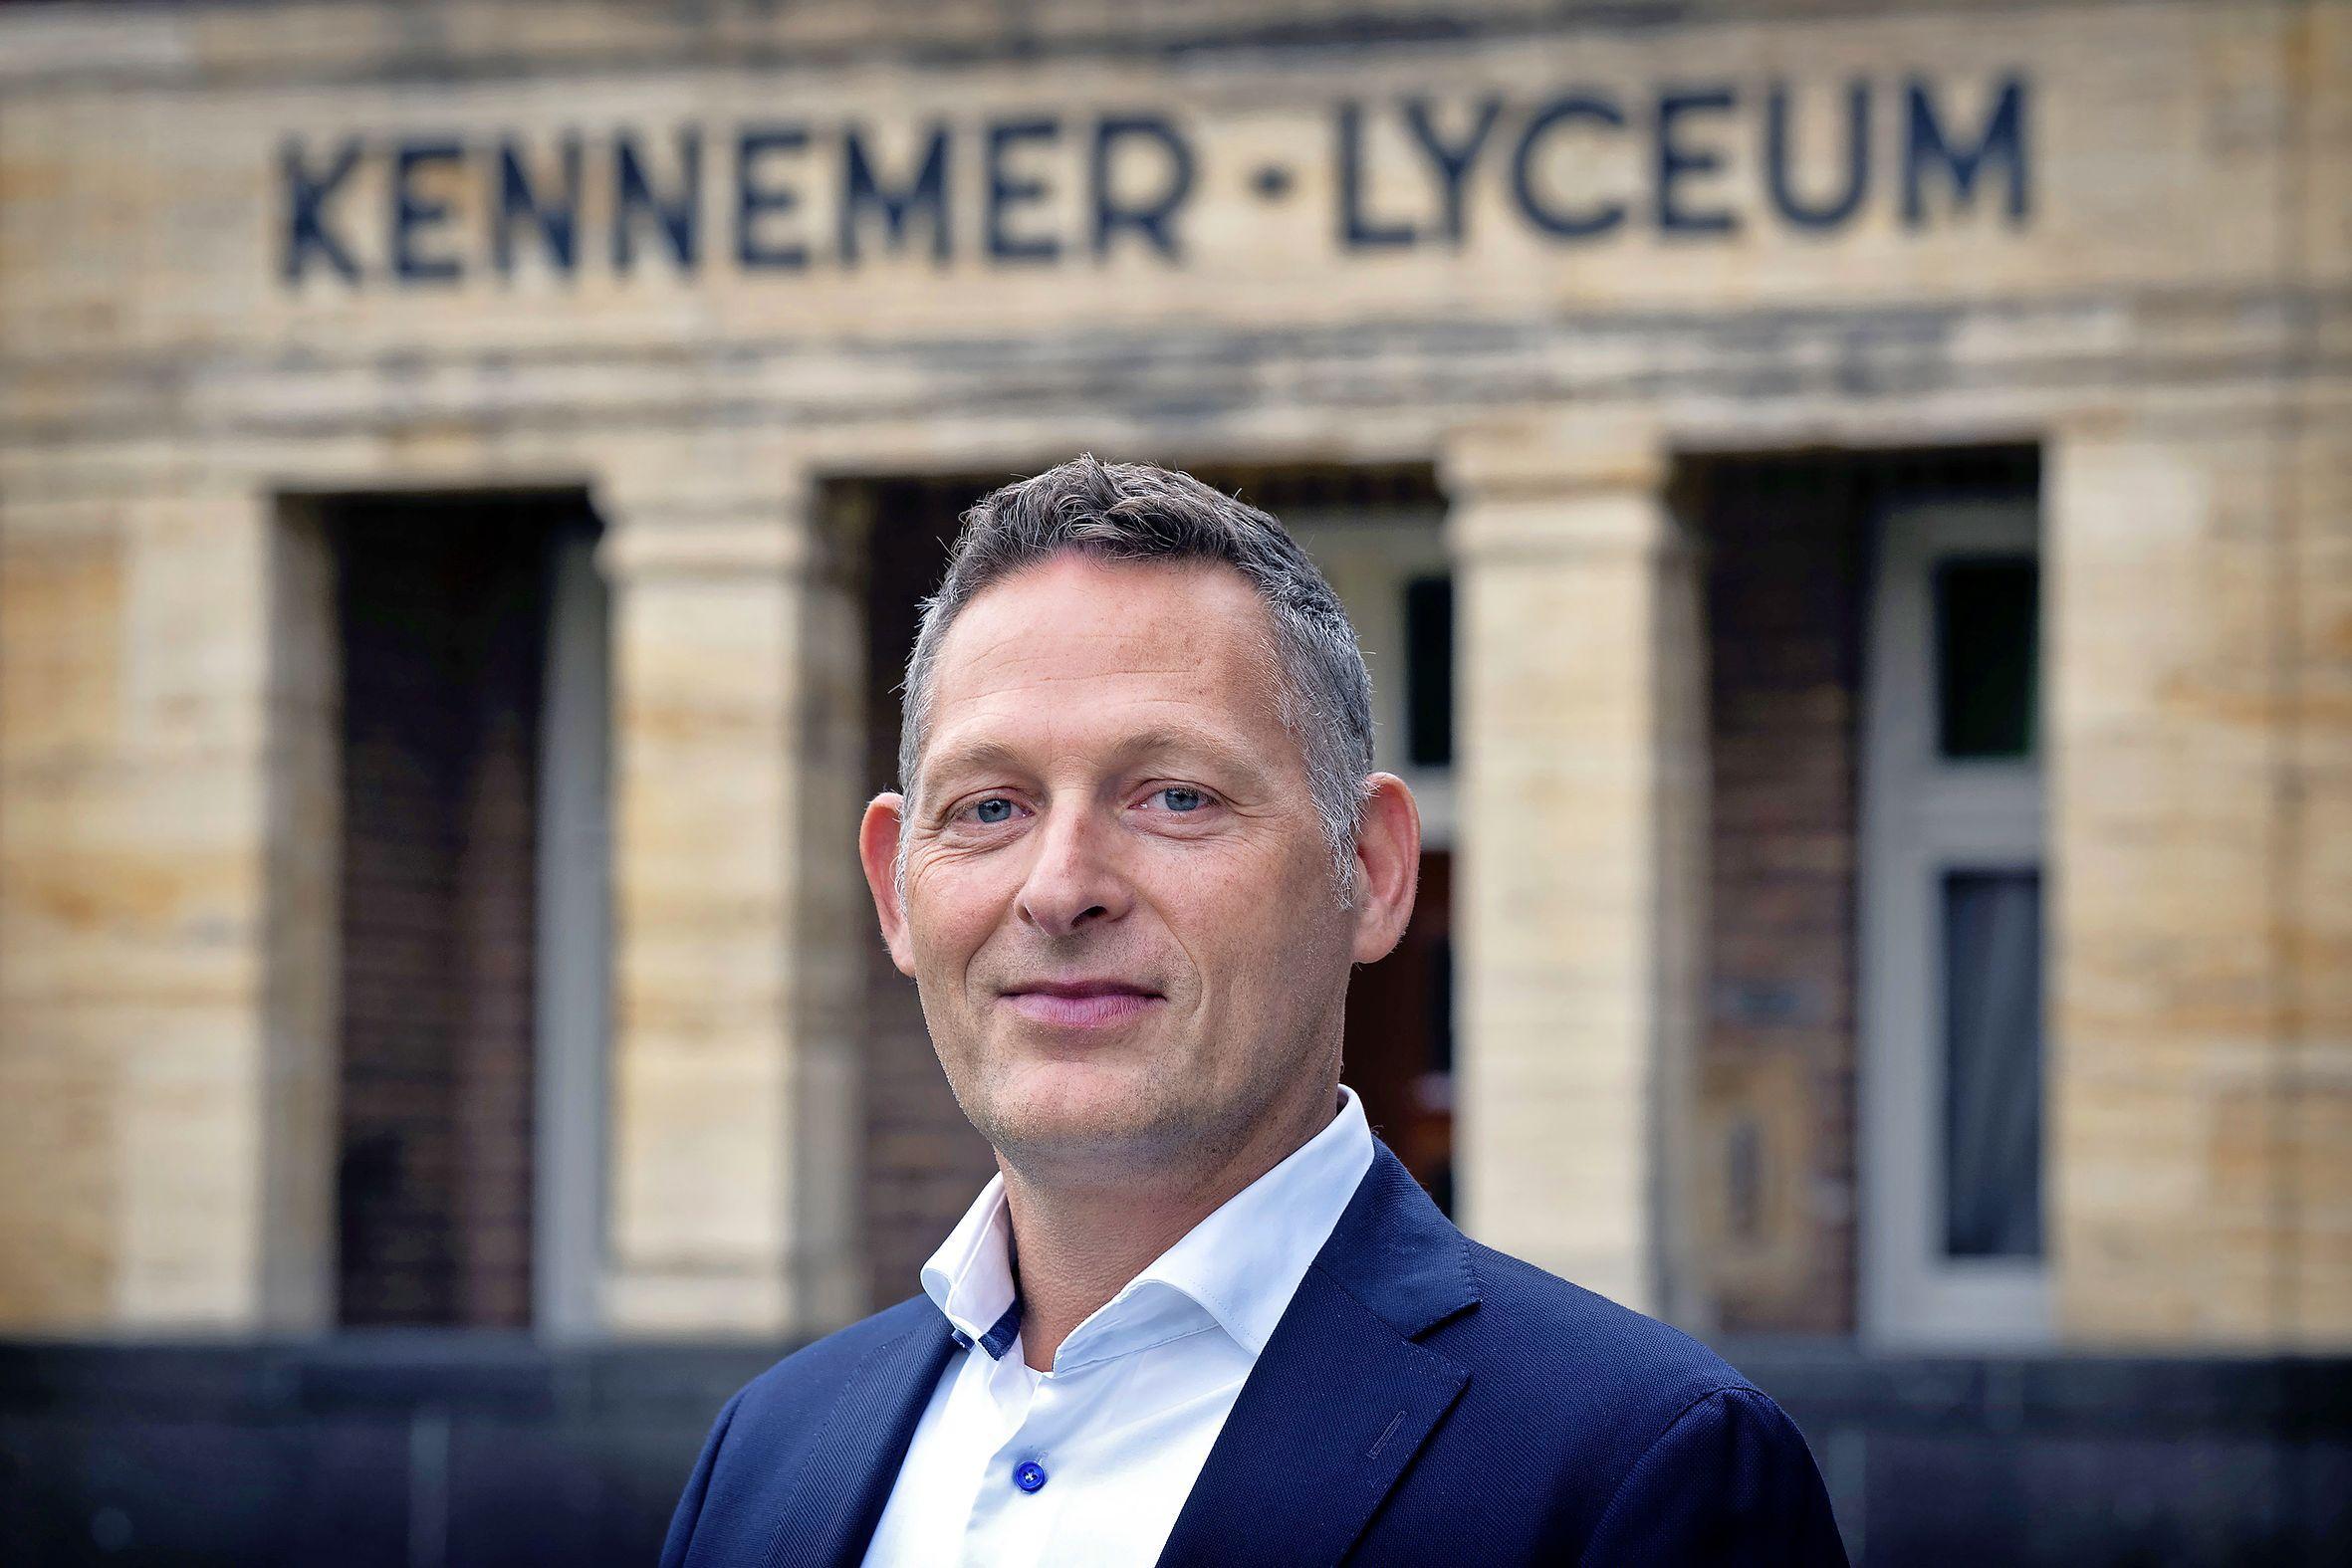 Peter de Zoete vertrekt als rector Kennemer Lyceum Overveen